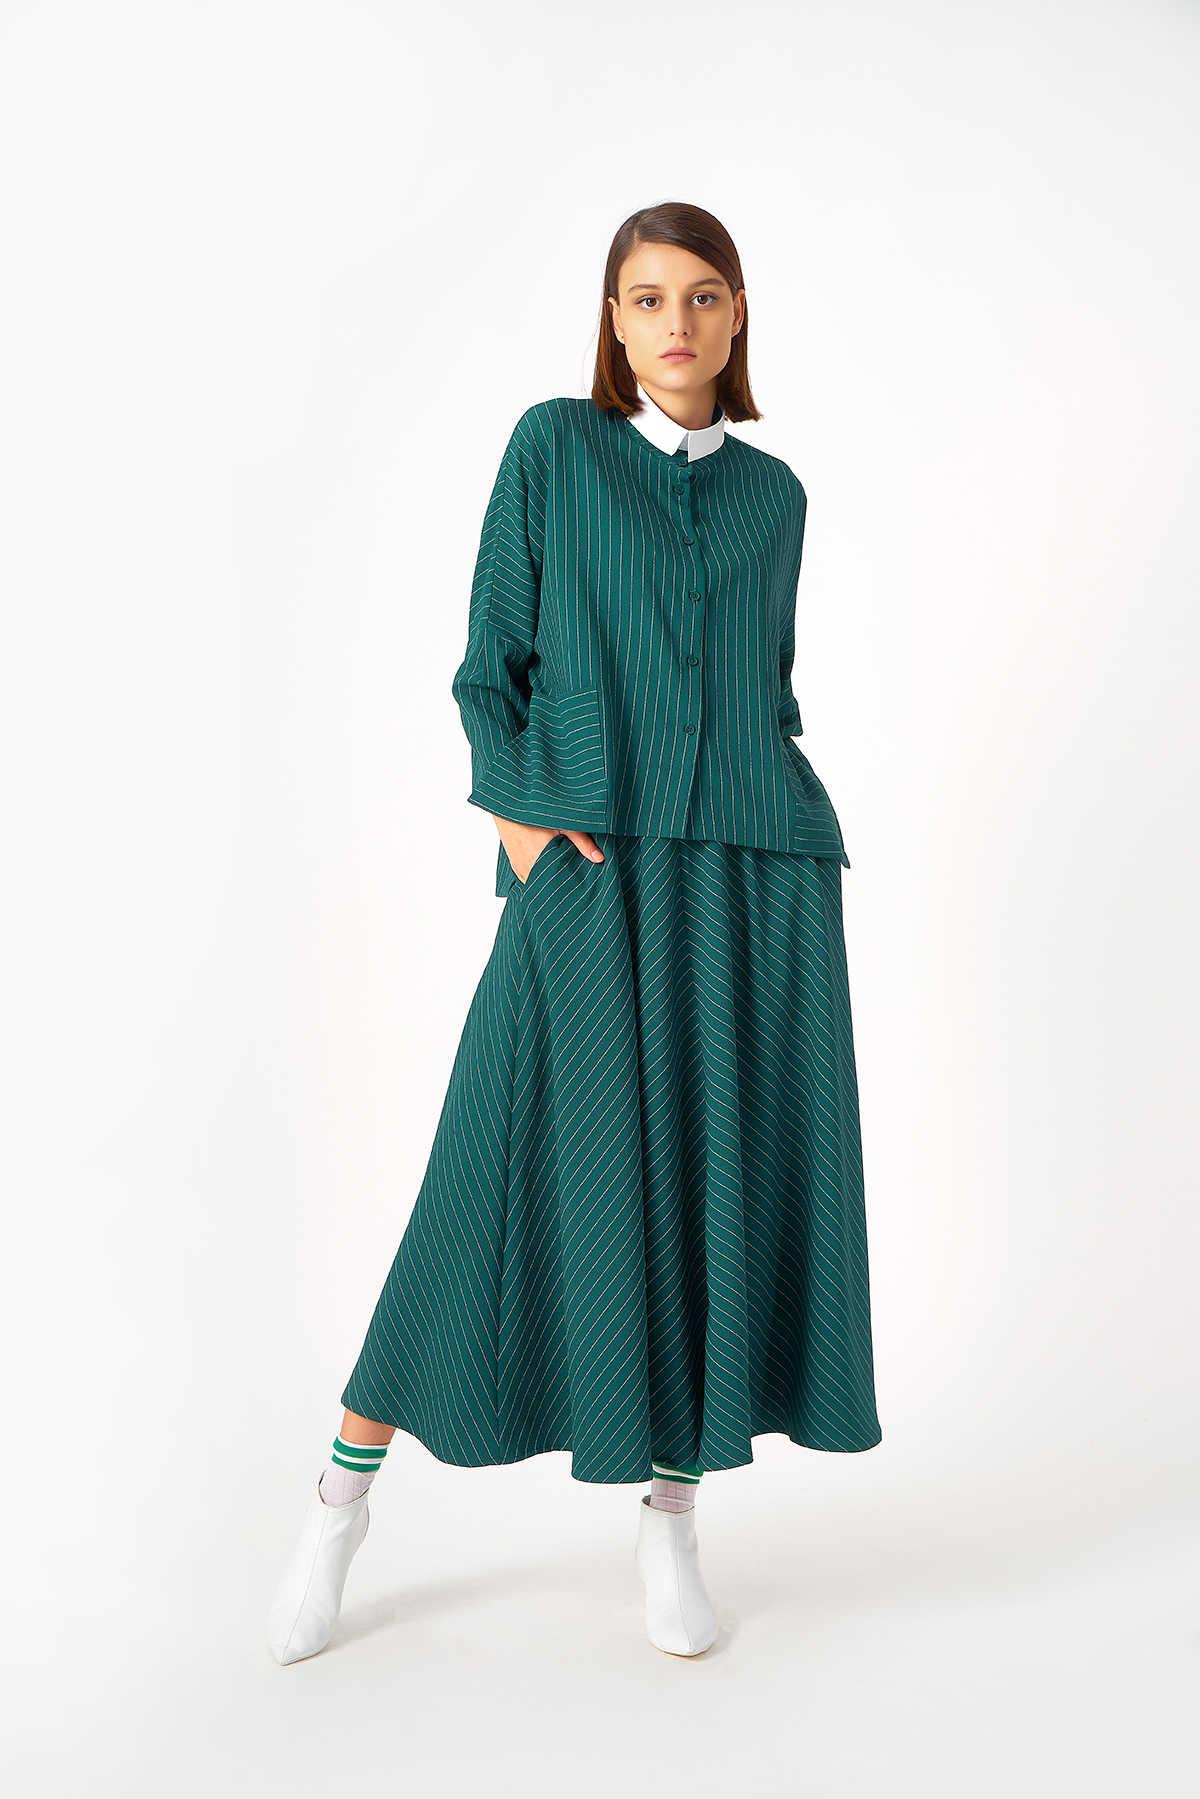 Kuaybe Gider - 1043 Gömlek Yeşil